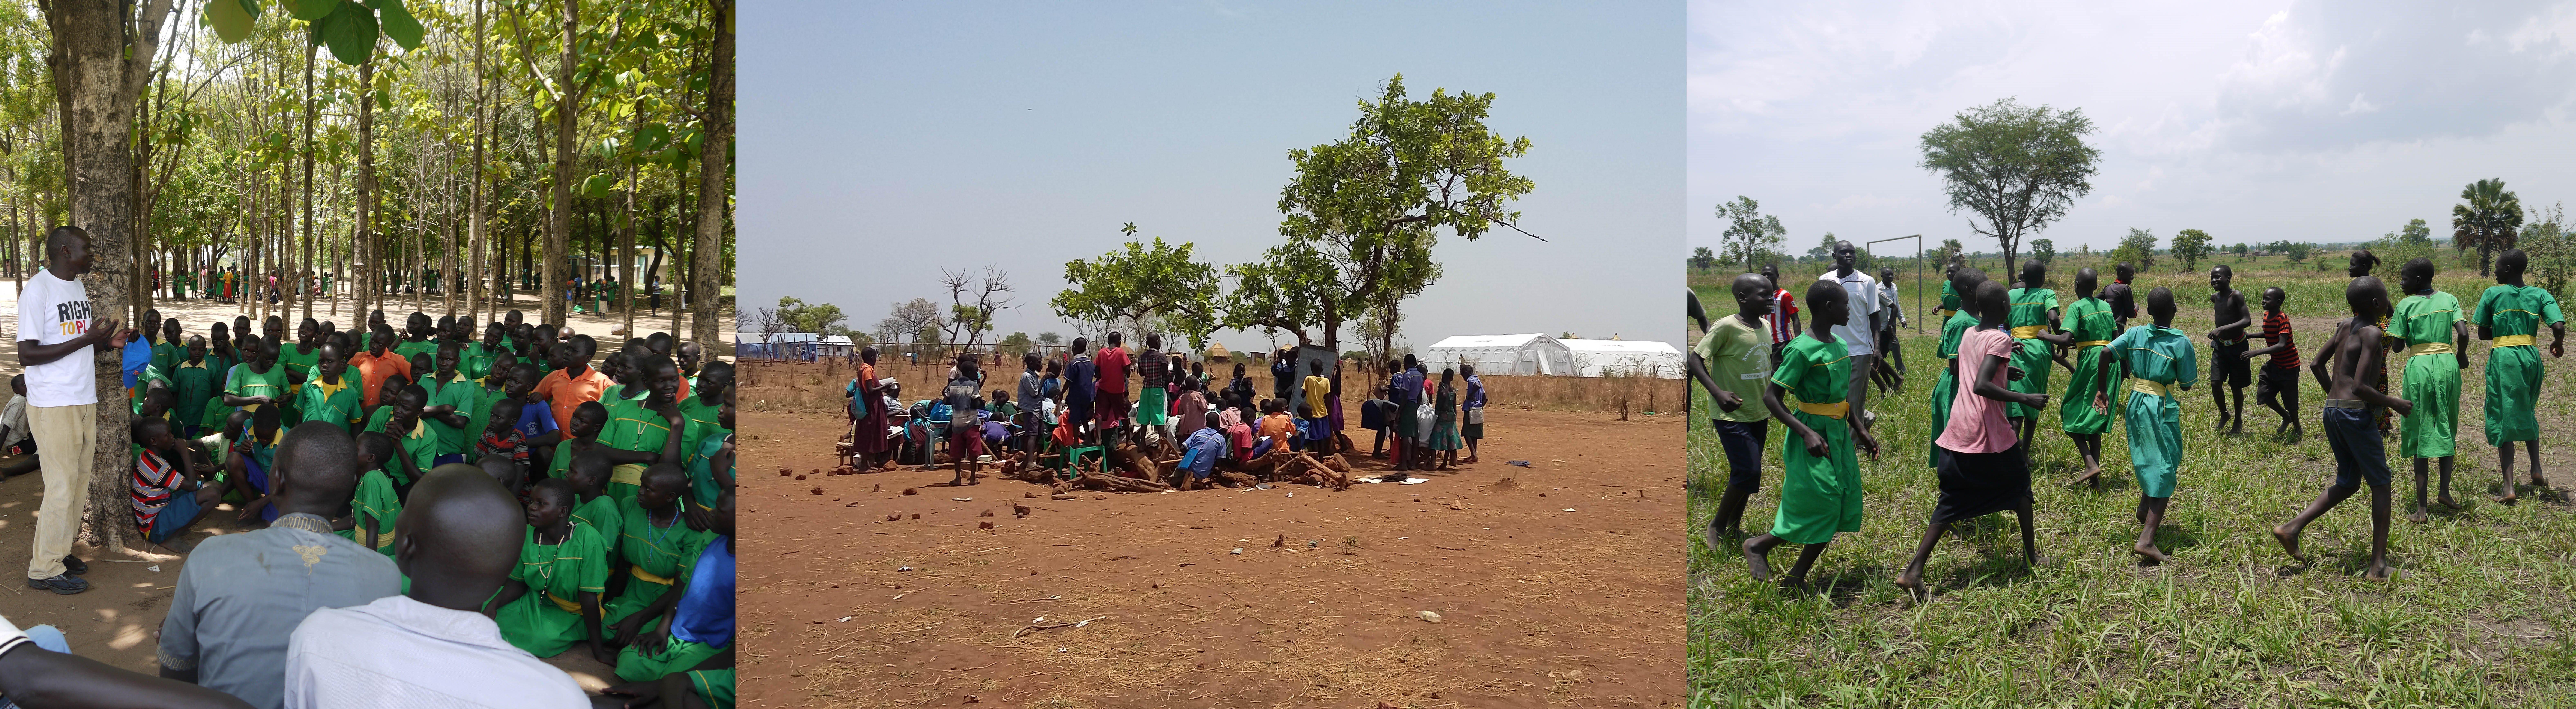 flüchtlingskindersüdsudan2.jpg